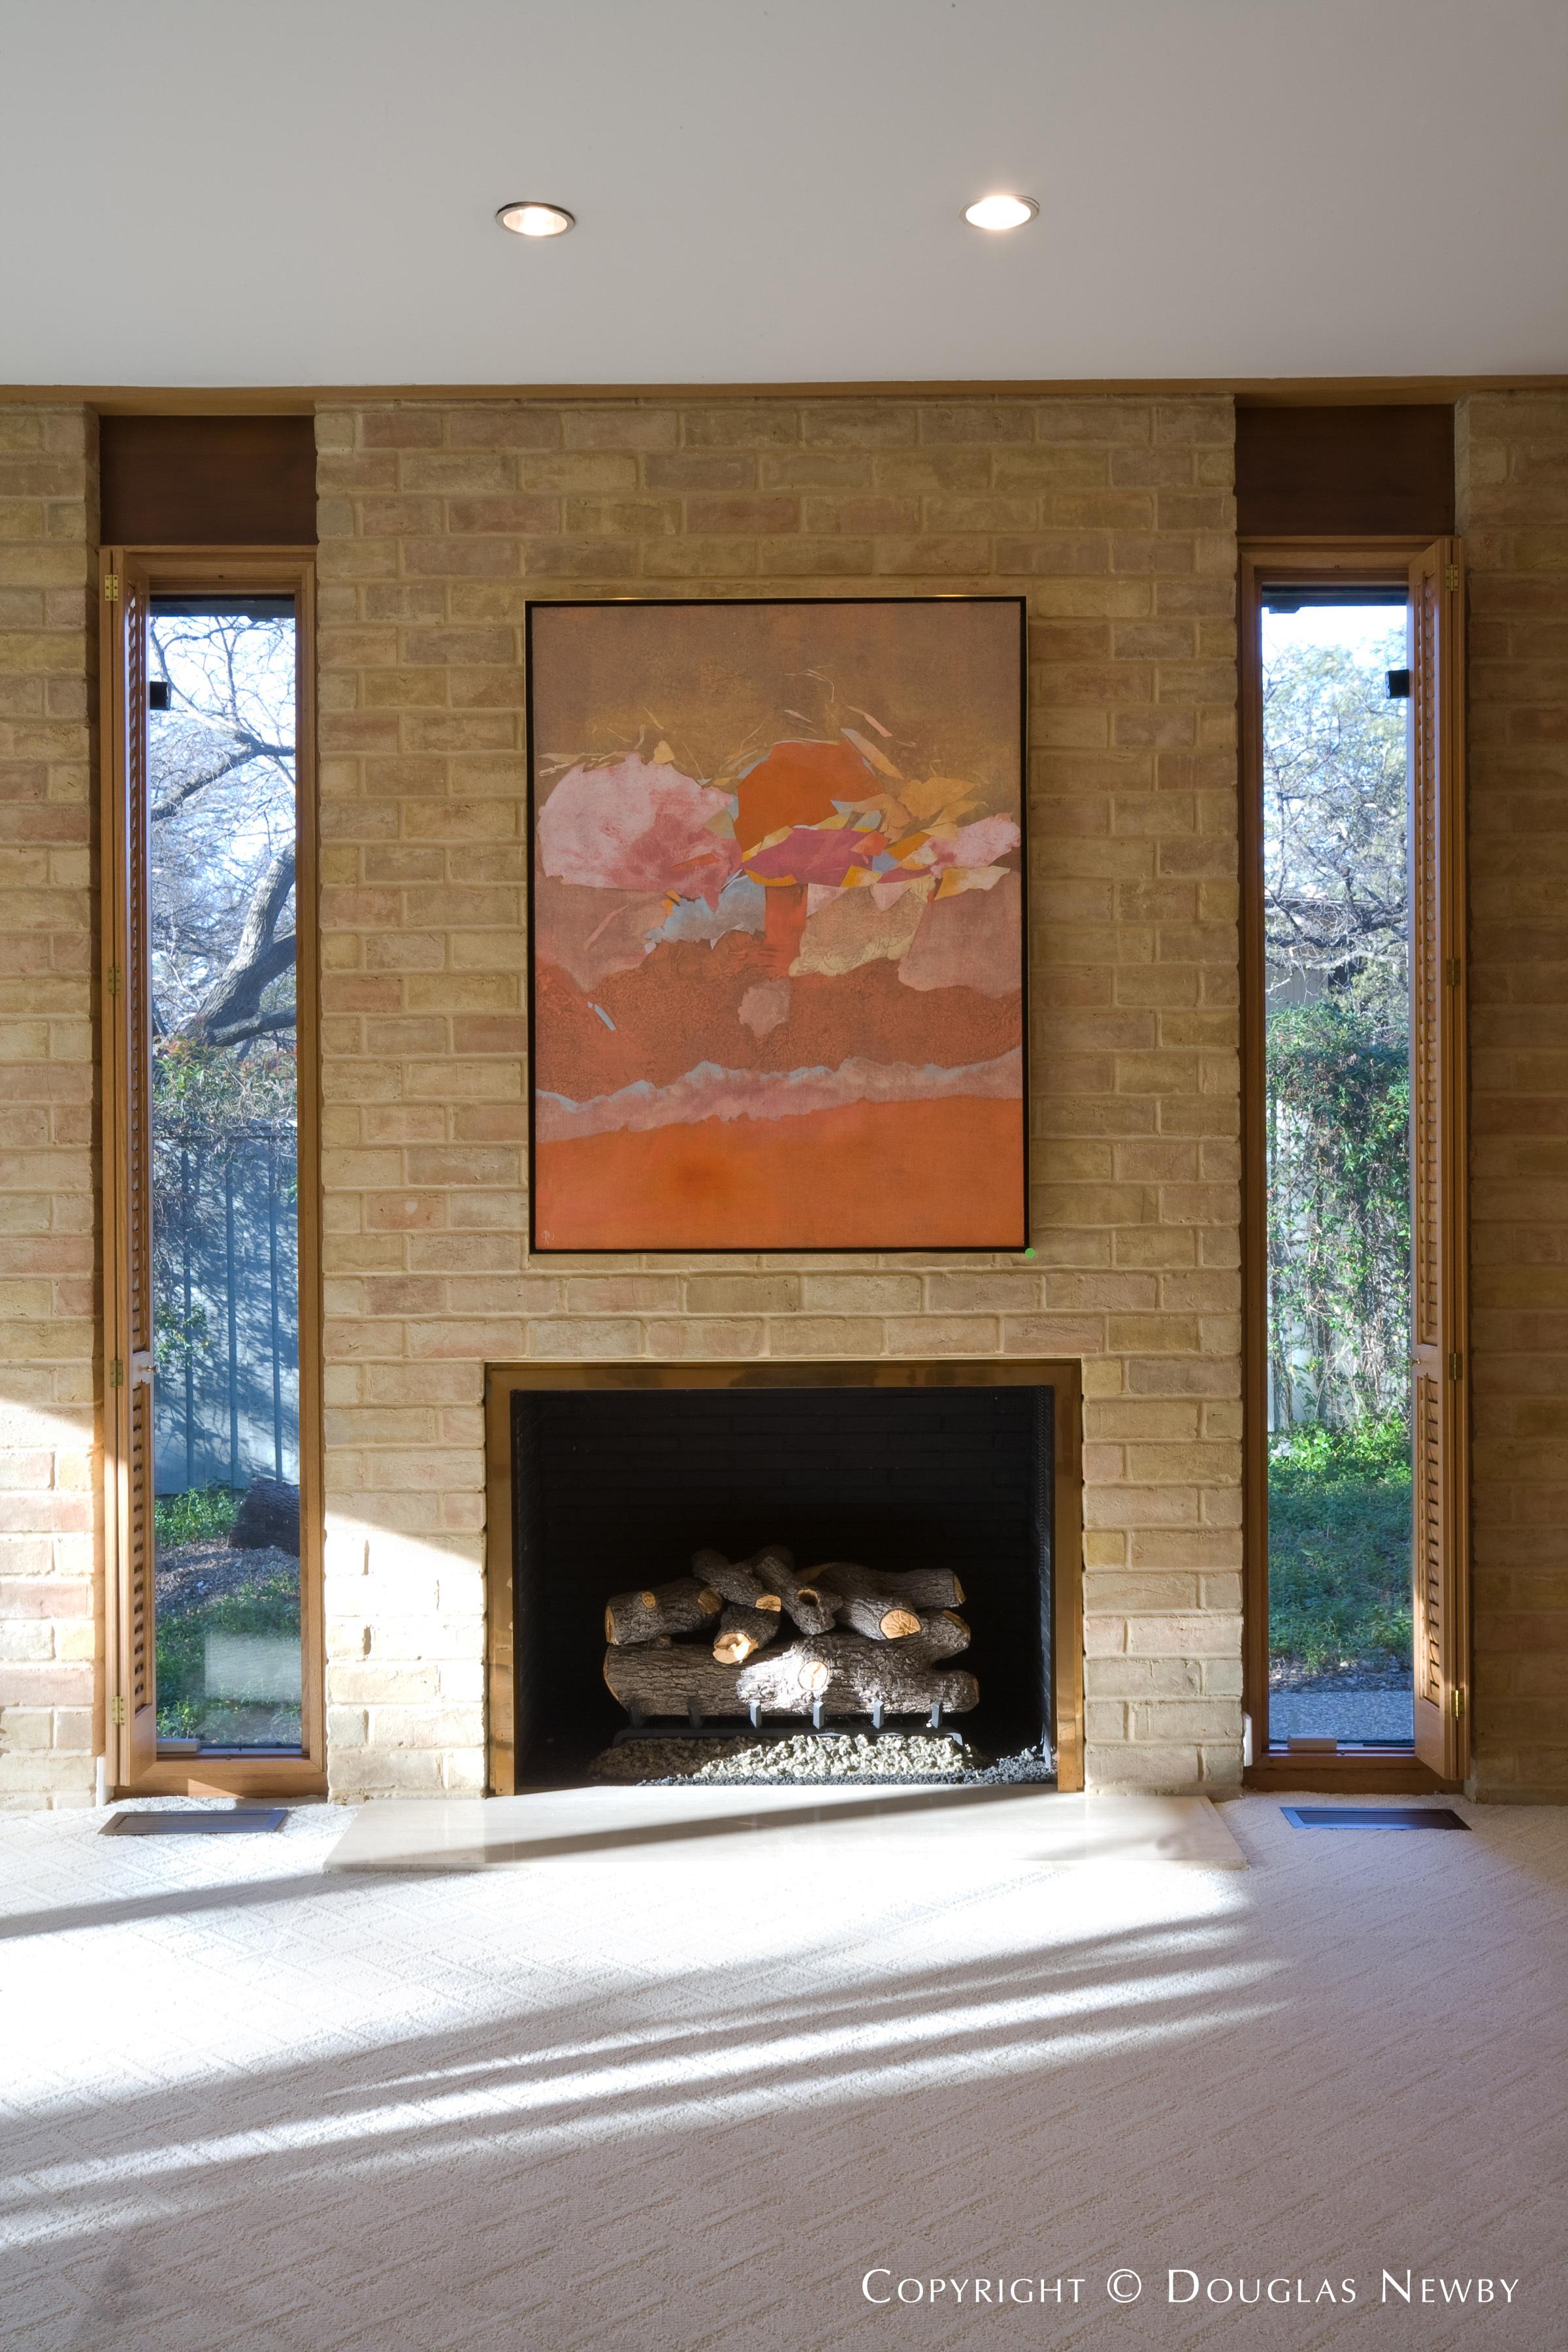 Preston Hollow Texas Modern Home sitting on 2.632 Acres